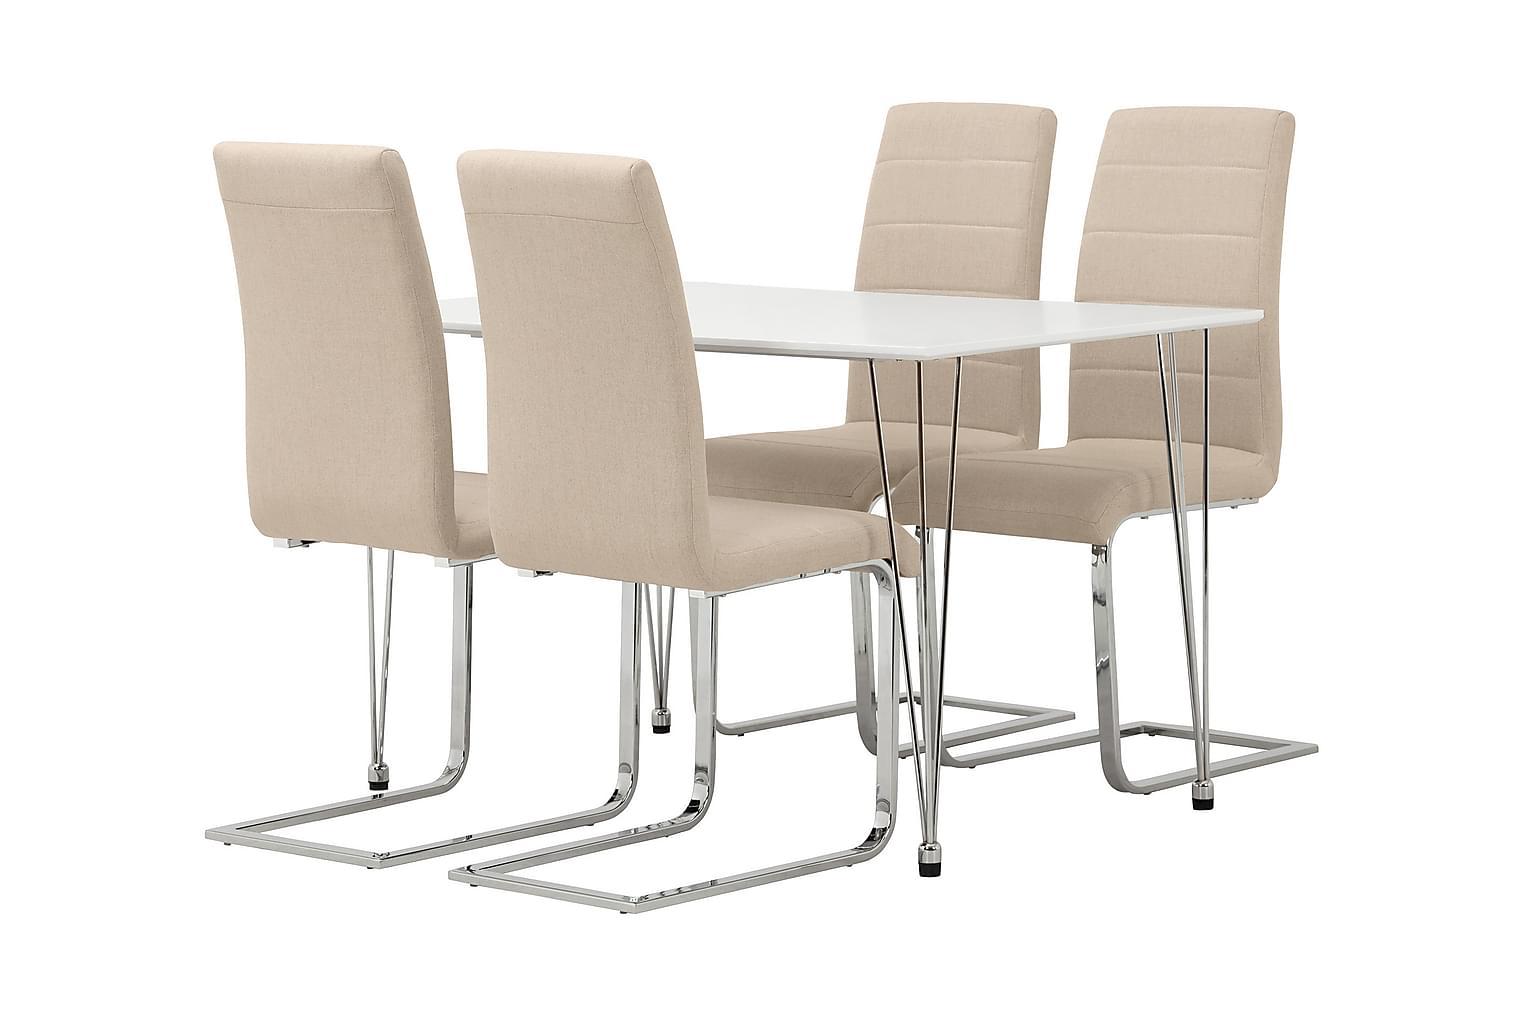 KRONBERG Pöytä 120 Valkoinen + 4 EMÅN Tuolia Beige